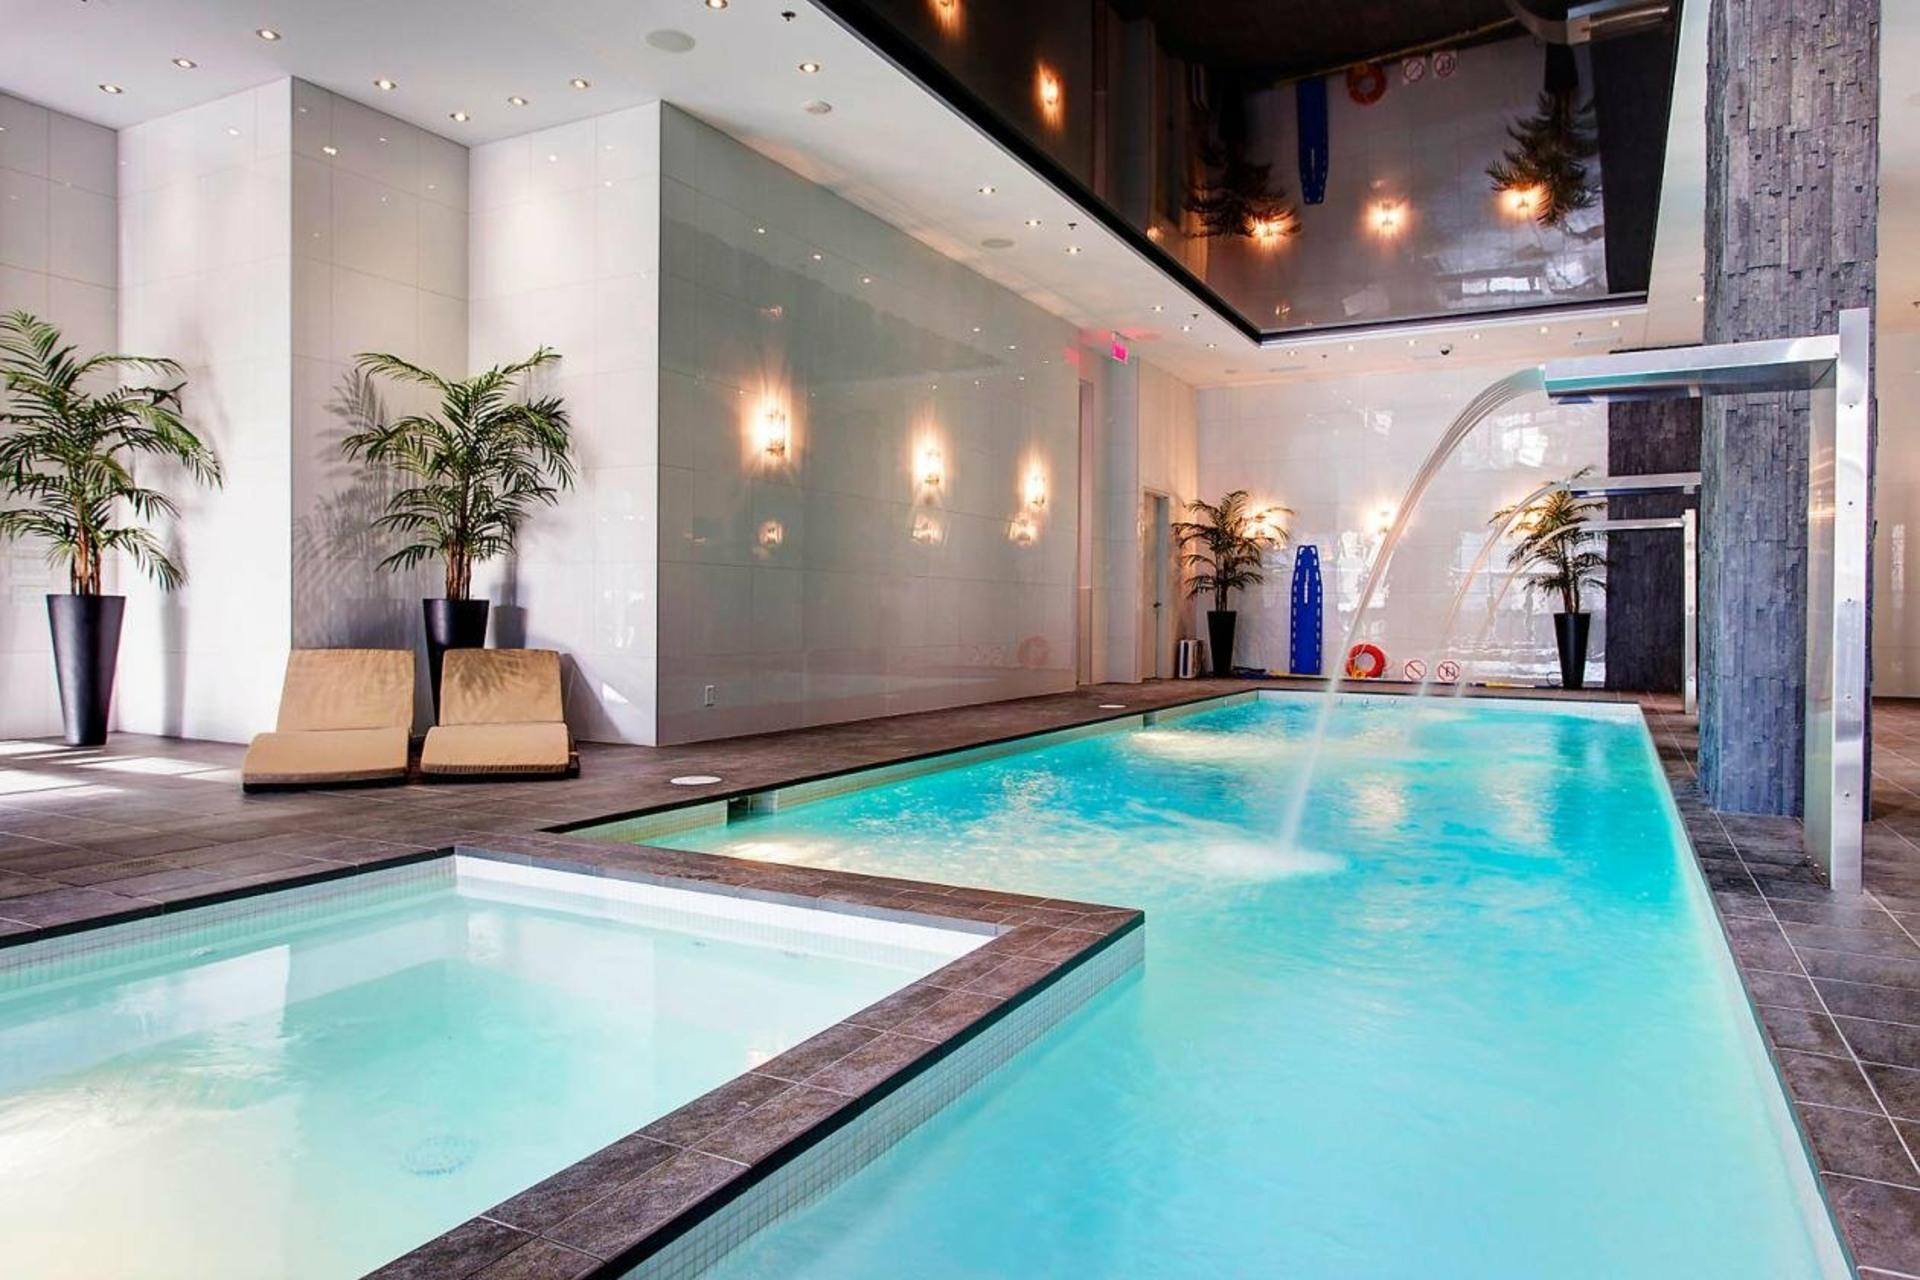 image 19 - Apartment For sale Montréal Ville-Marie  - 5 rooms